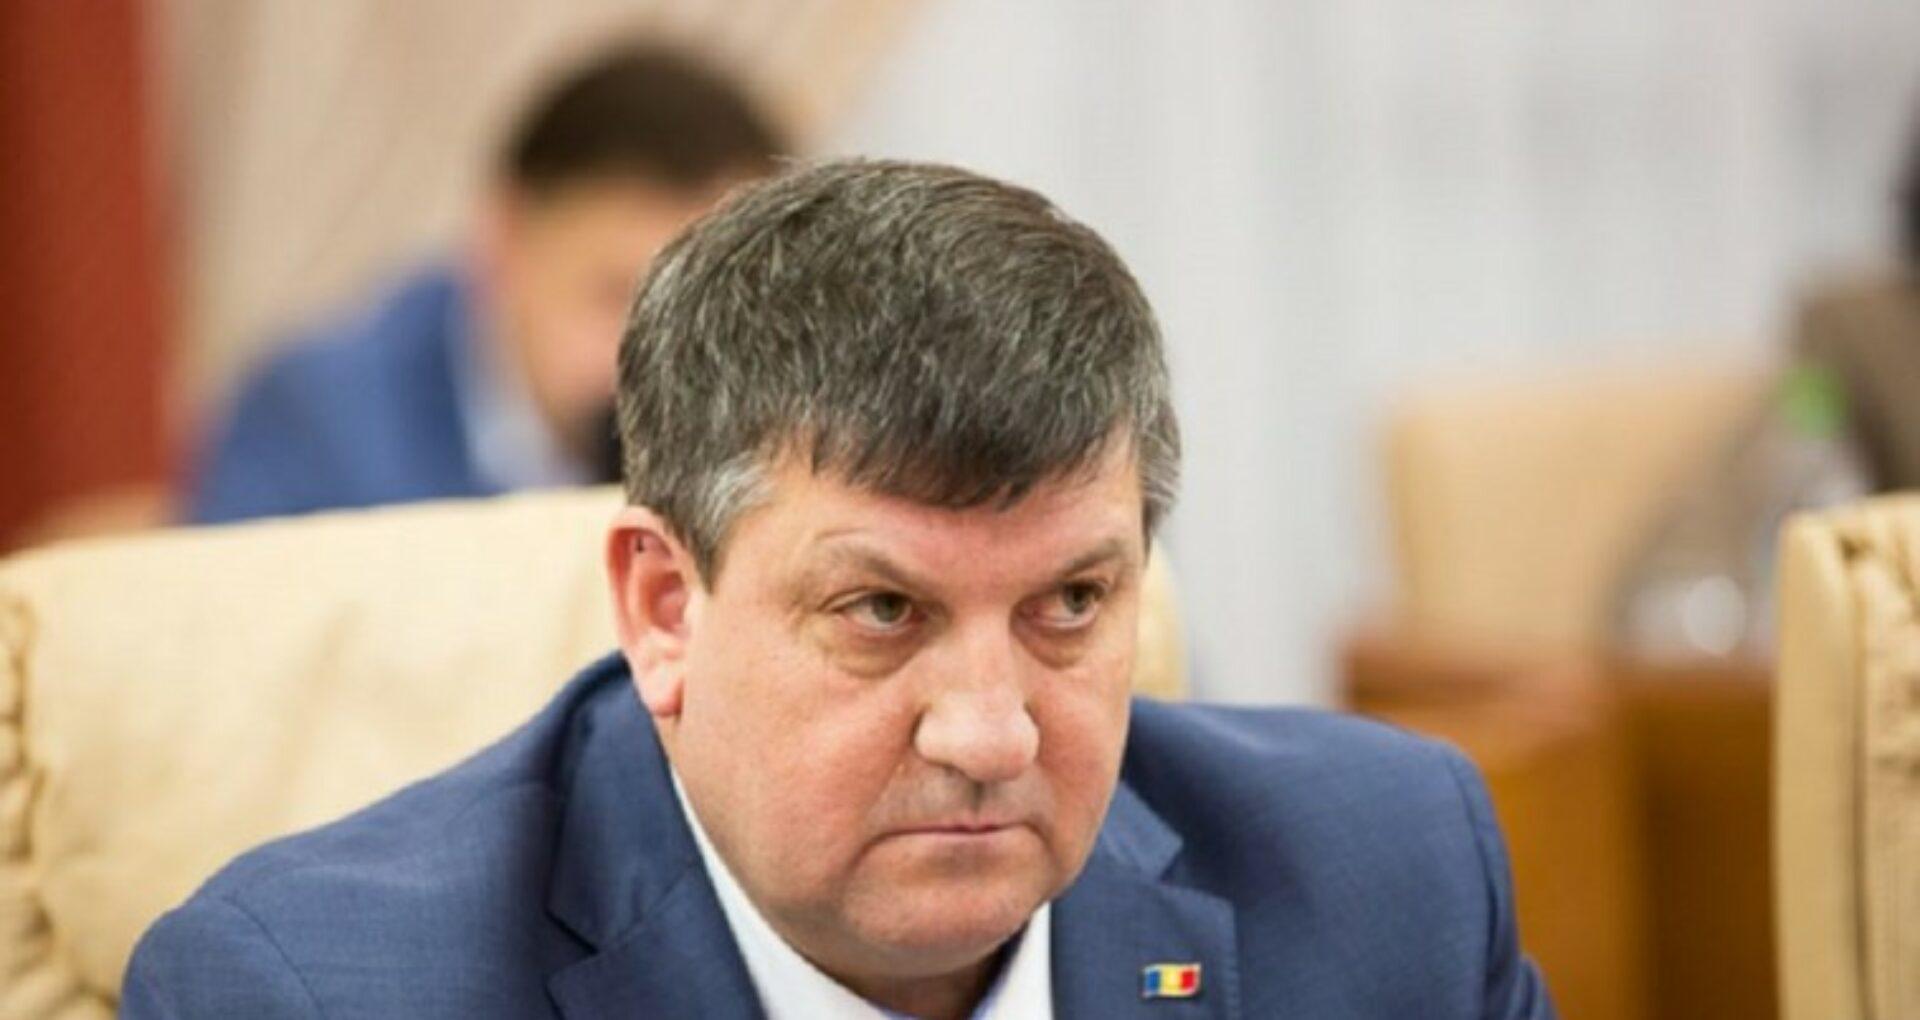 Fostul ministru al Transporturilor, Iurie Chirinciuc, anunțat în căutare de către autorități